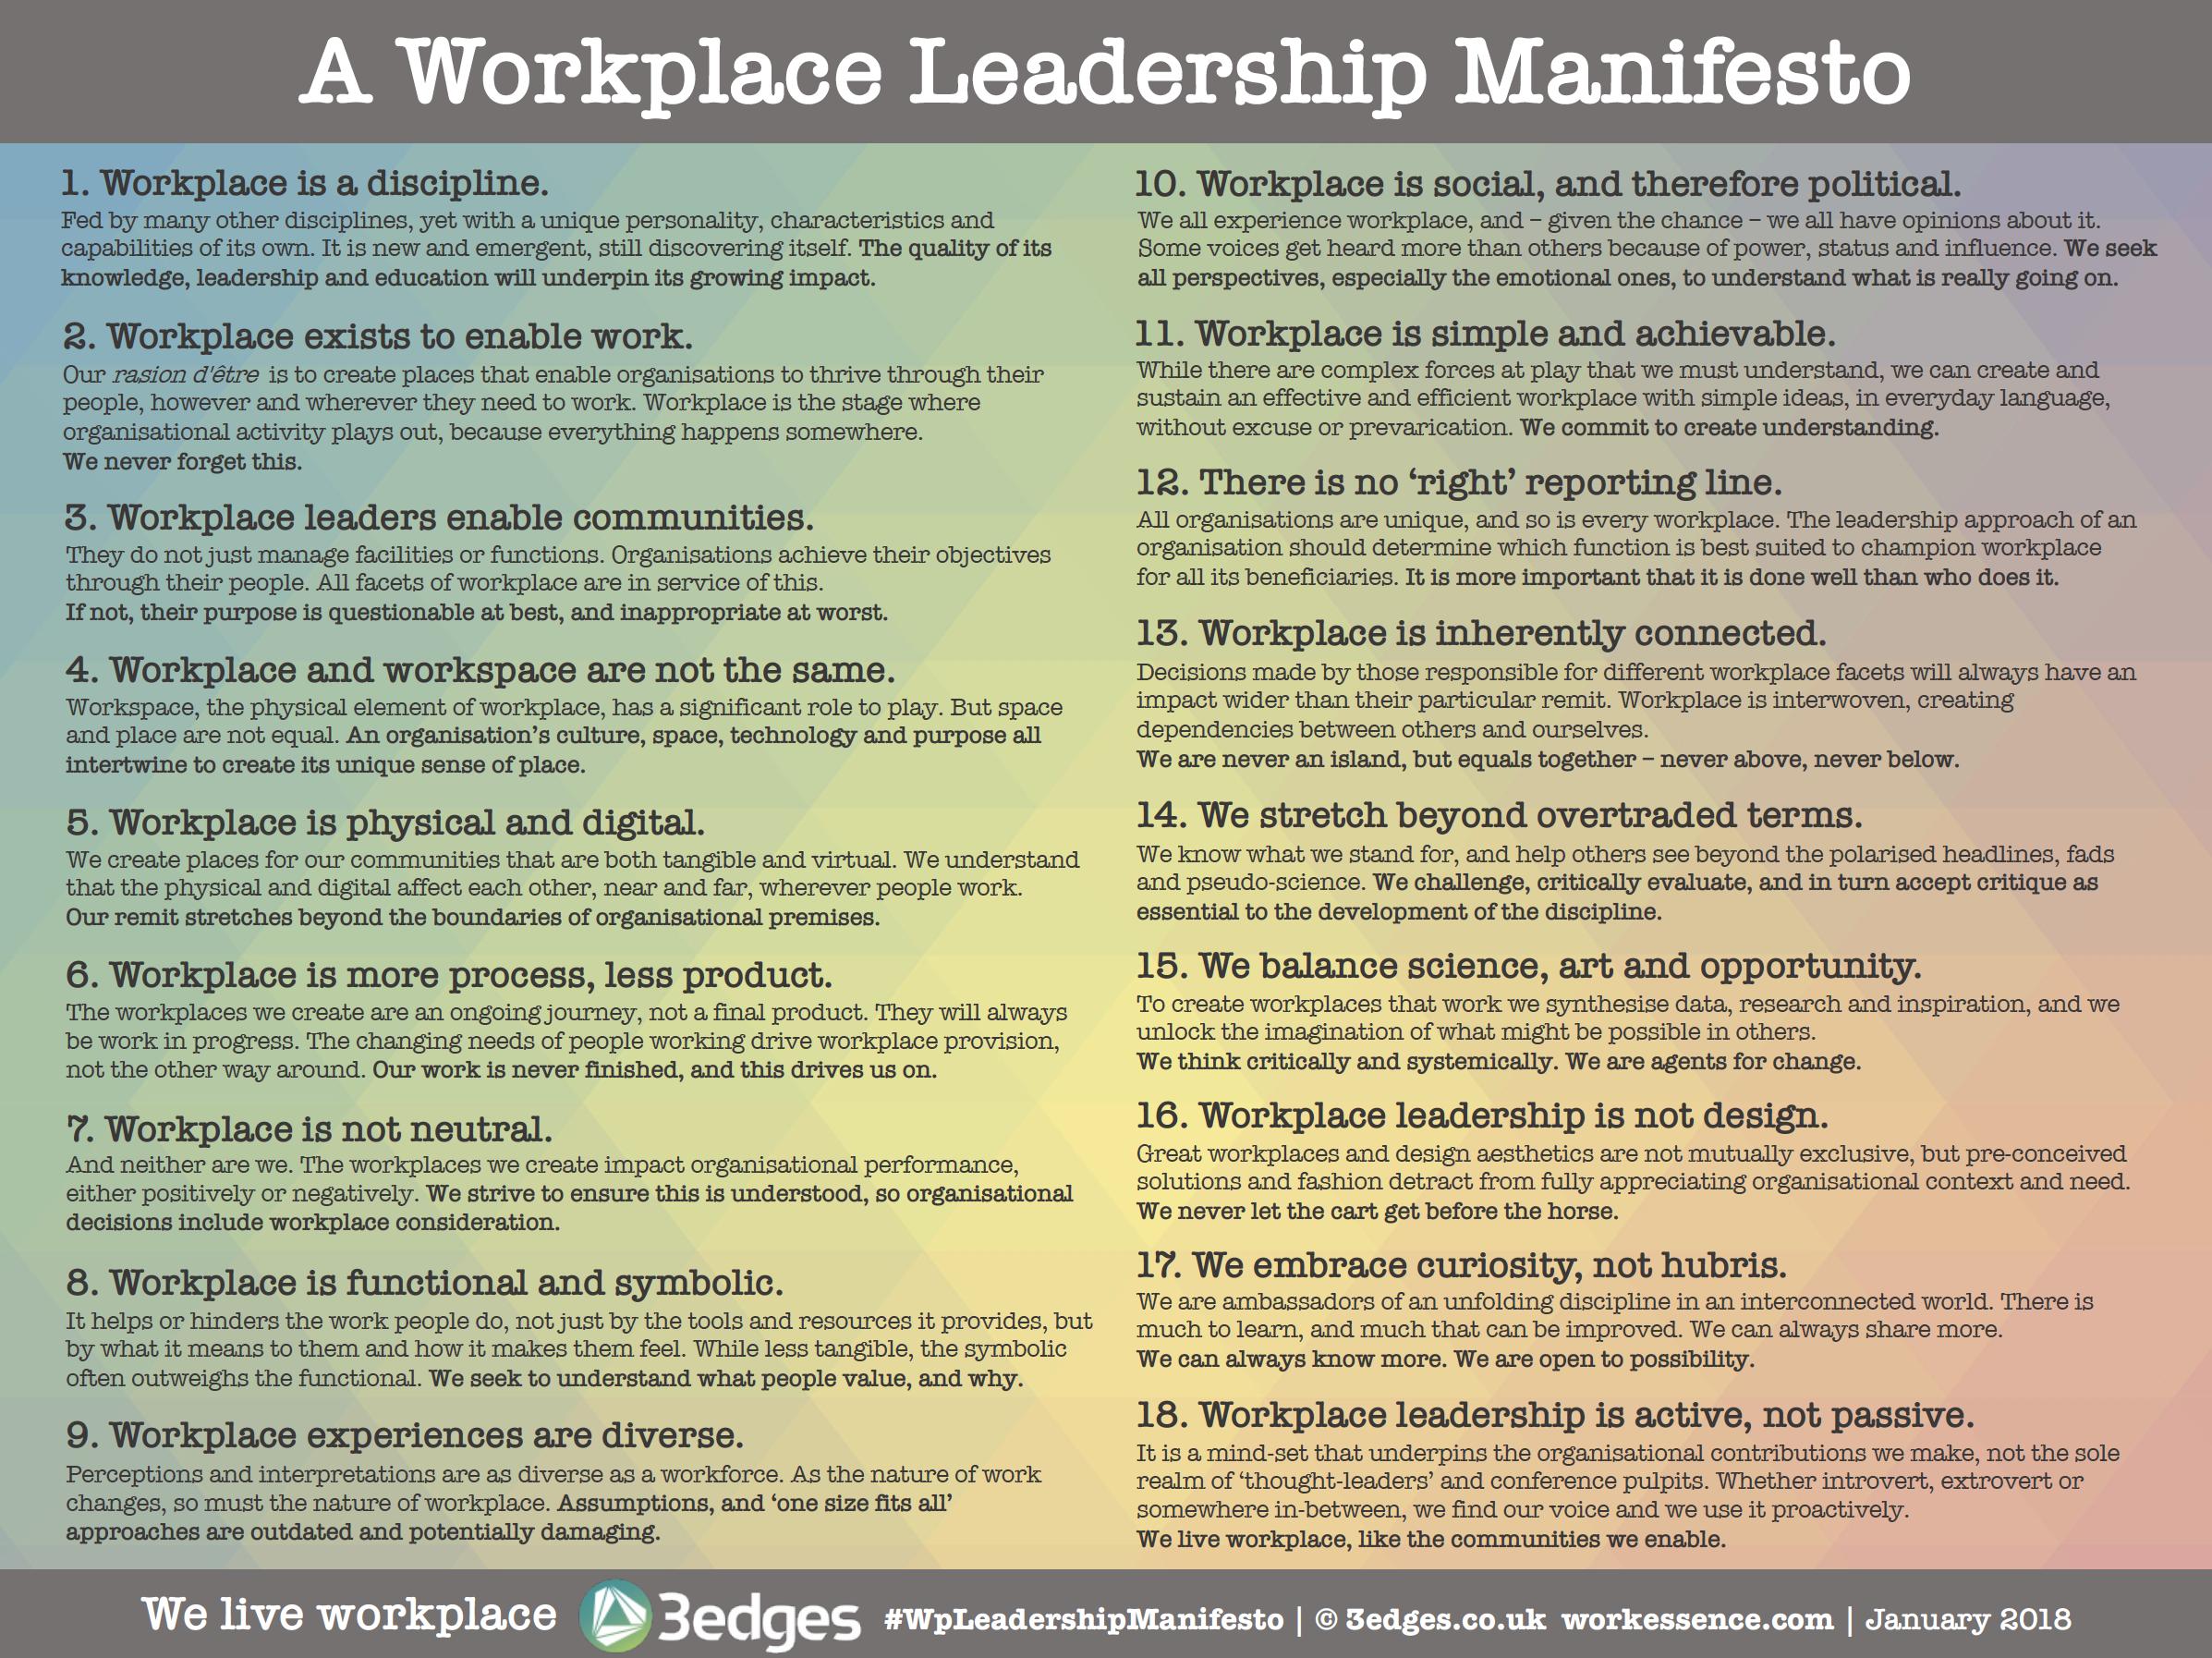 Workplace Leadership Manifesto | January 2018